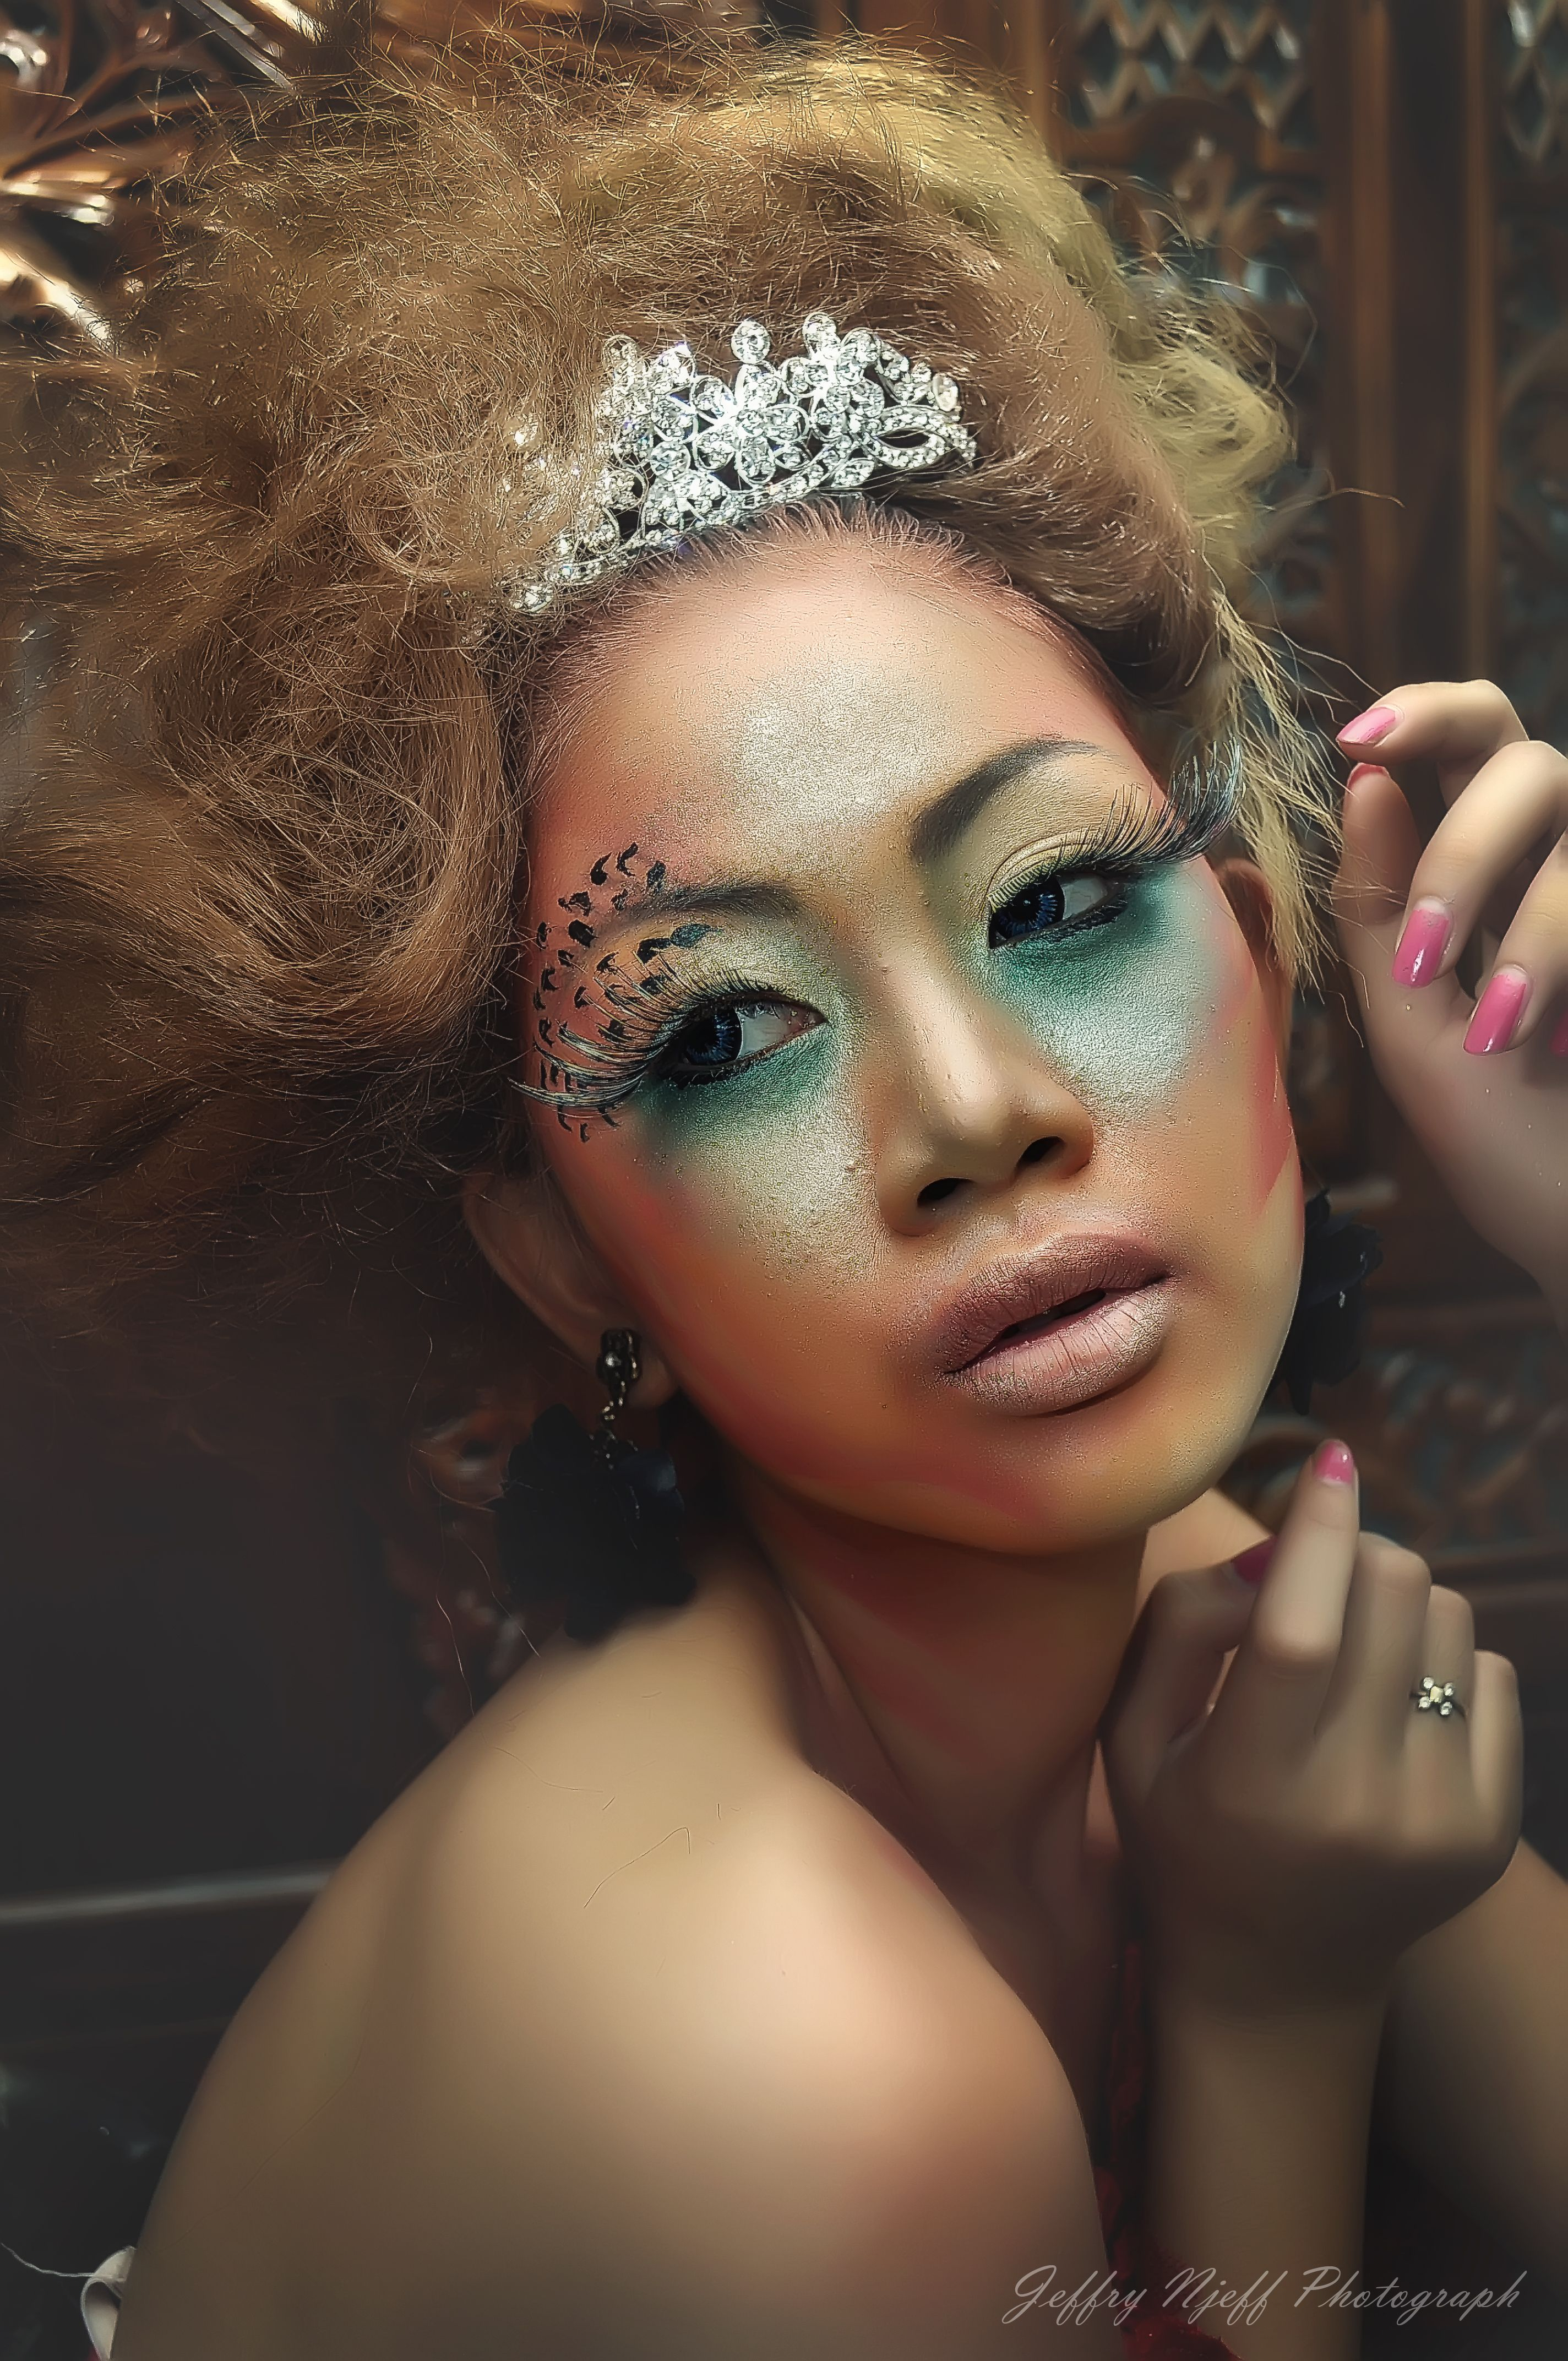 Brenda Metarani  Makeup by Untung Art Photo by Jeffry Junanto (Njeff)